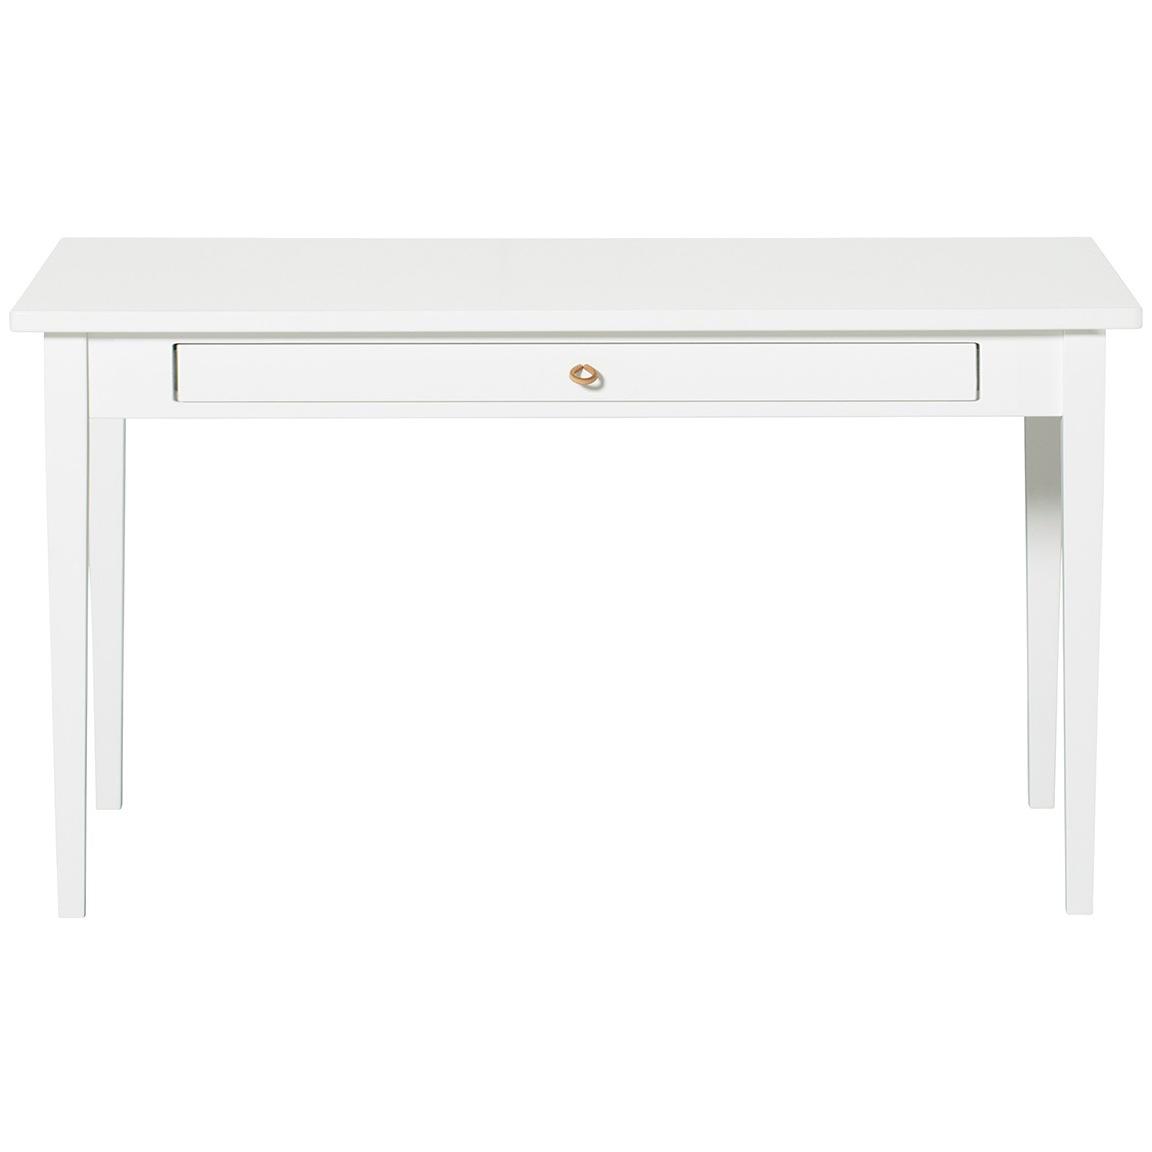 Beställ konsolbord skrivbord från Oliver Furniture. Svart